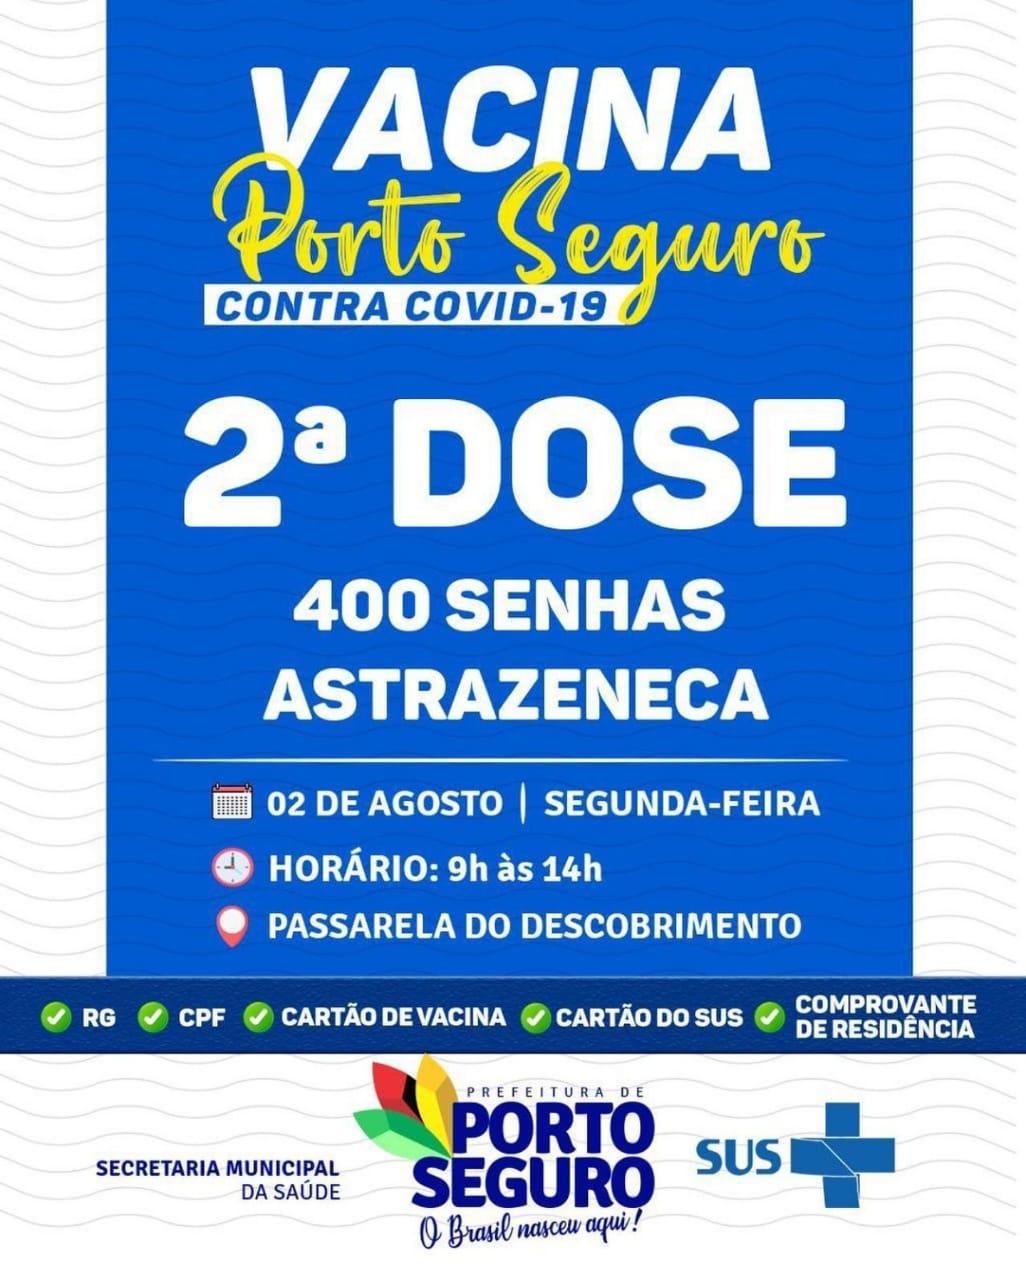 Vacina Porto Seguro contra Covid-19; cronograma de vacinação de 02 a 04 de Agosto 33